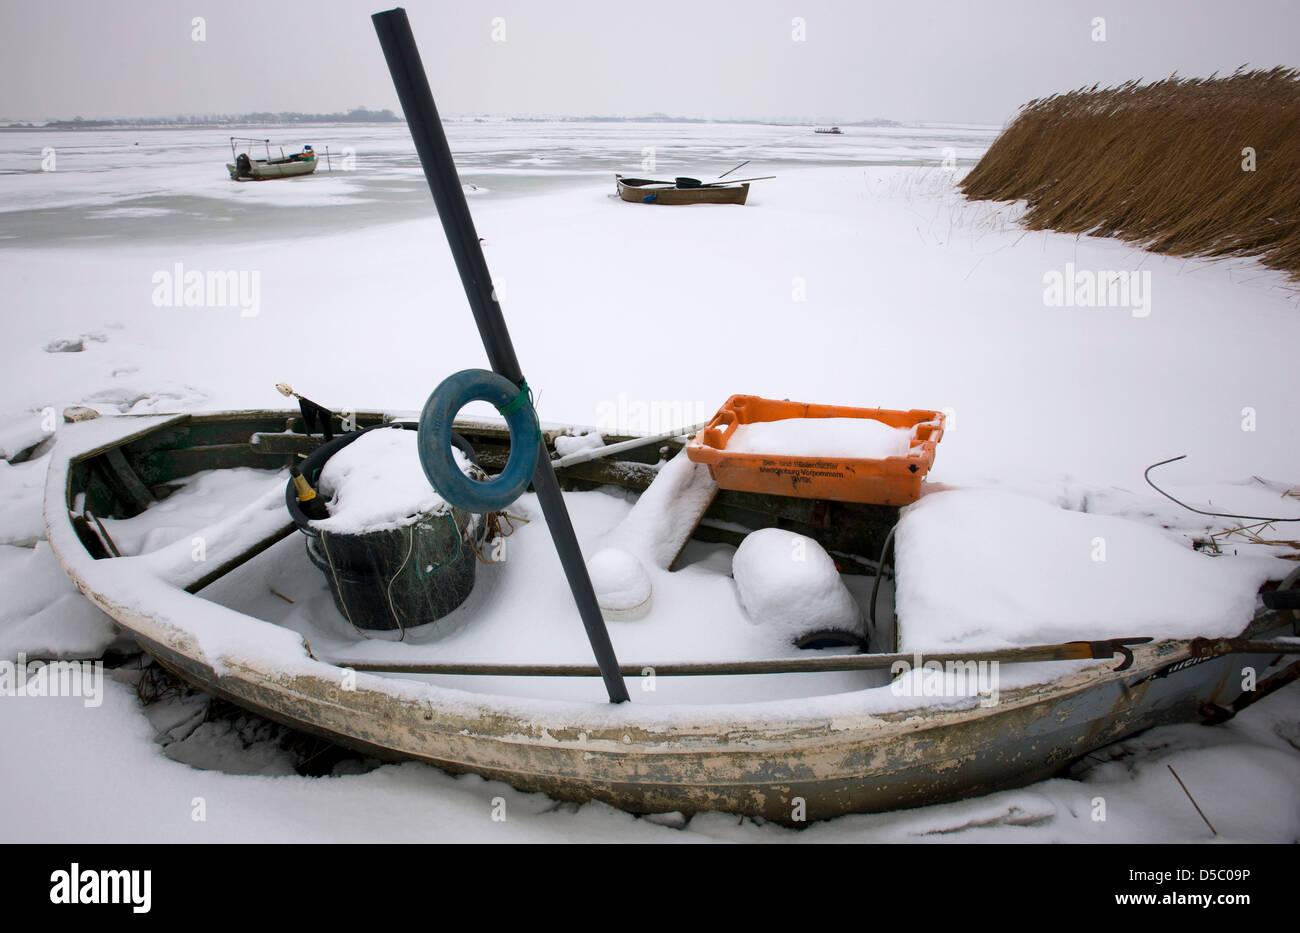 Ein hölzernes Fischerboot liegt am Mittwoch (20.01.2010) in Fährdorf auf der Ostseeinsel Poel im Eis fest. - Stock Image